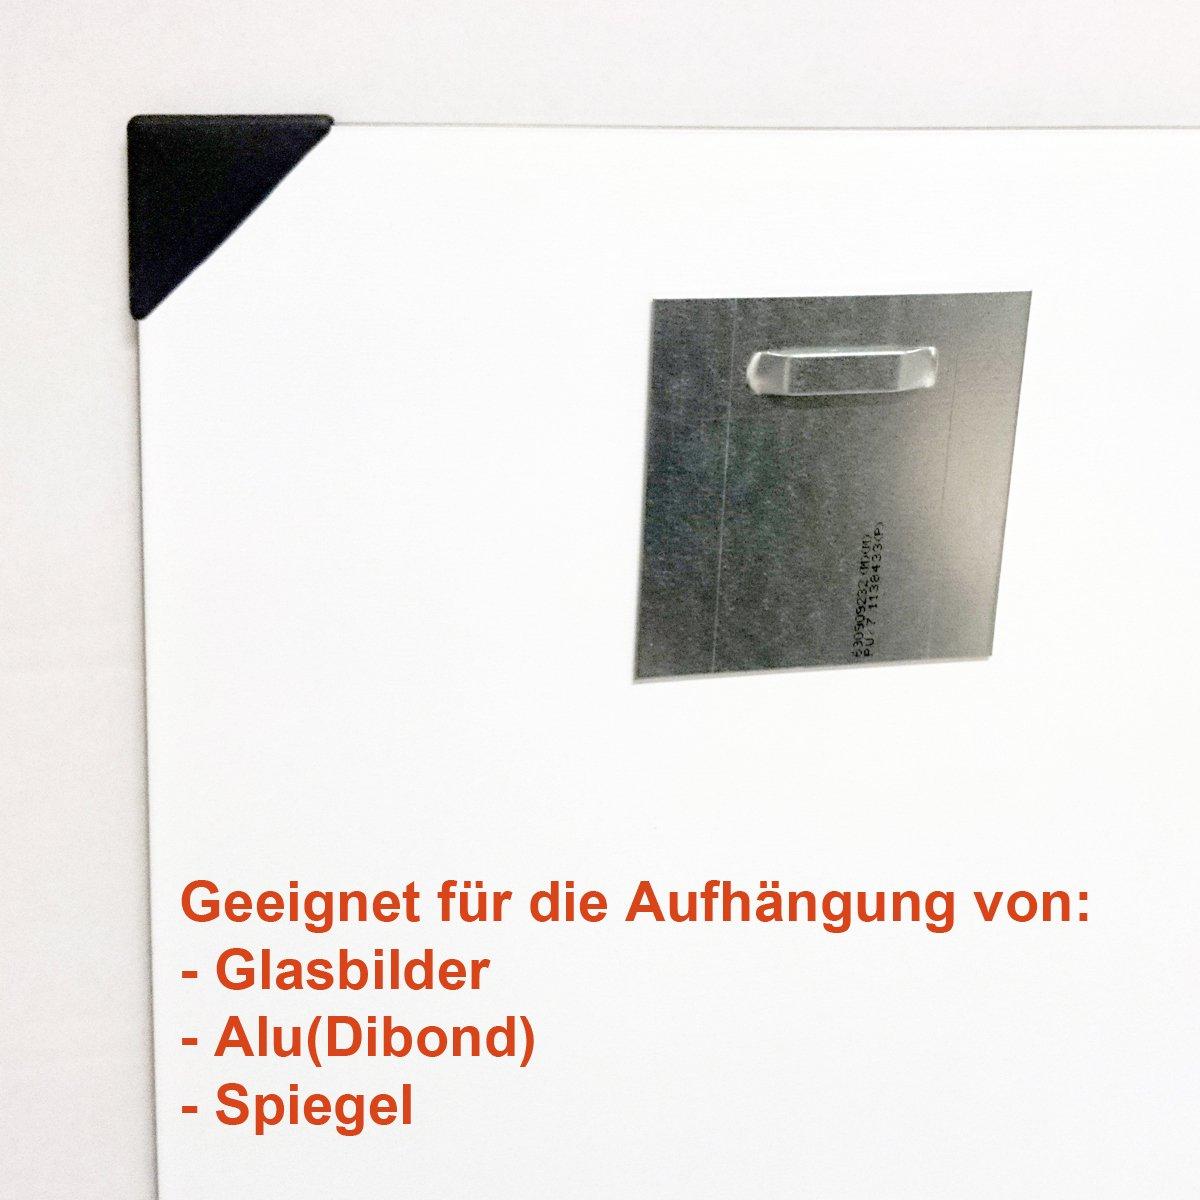 Großartig Spiegel Framing Kit Ideen - Rahmen Ideen - markjohnsonshow ...